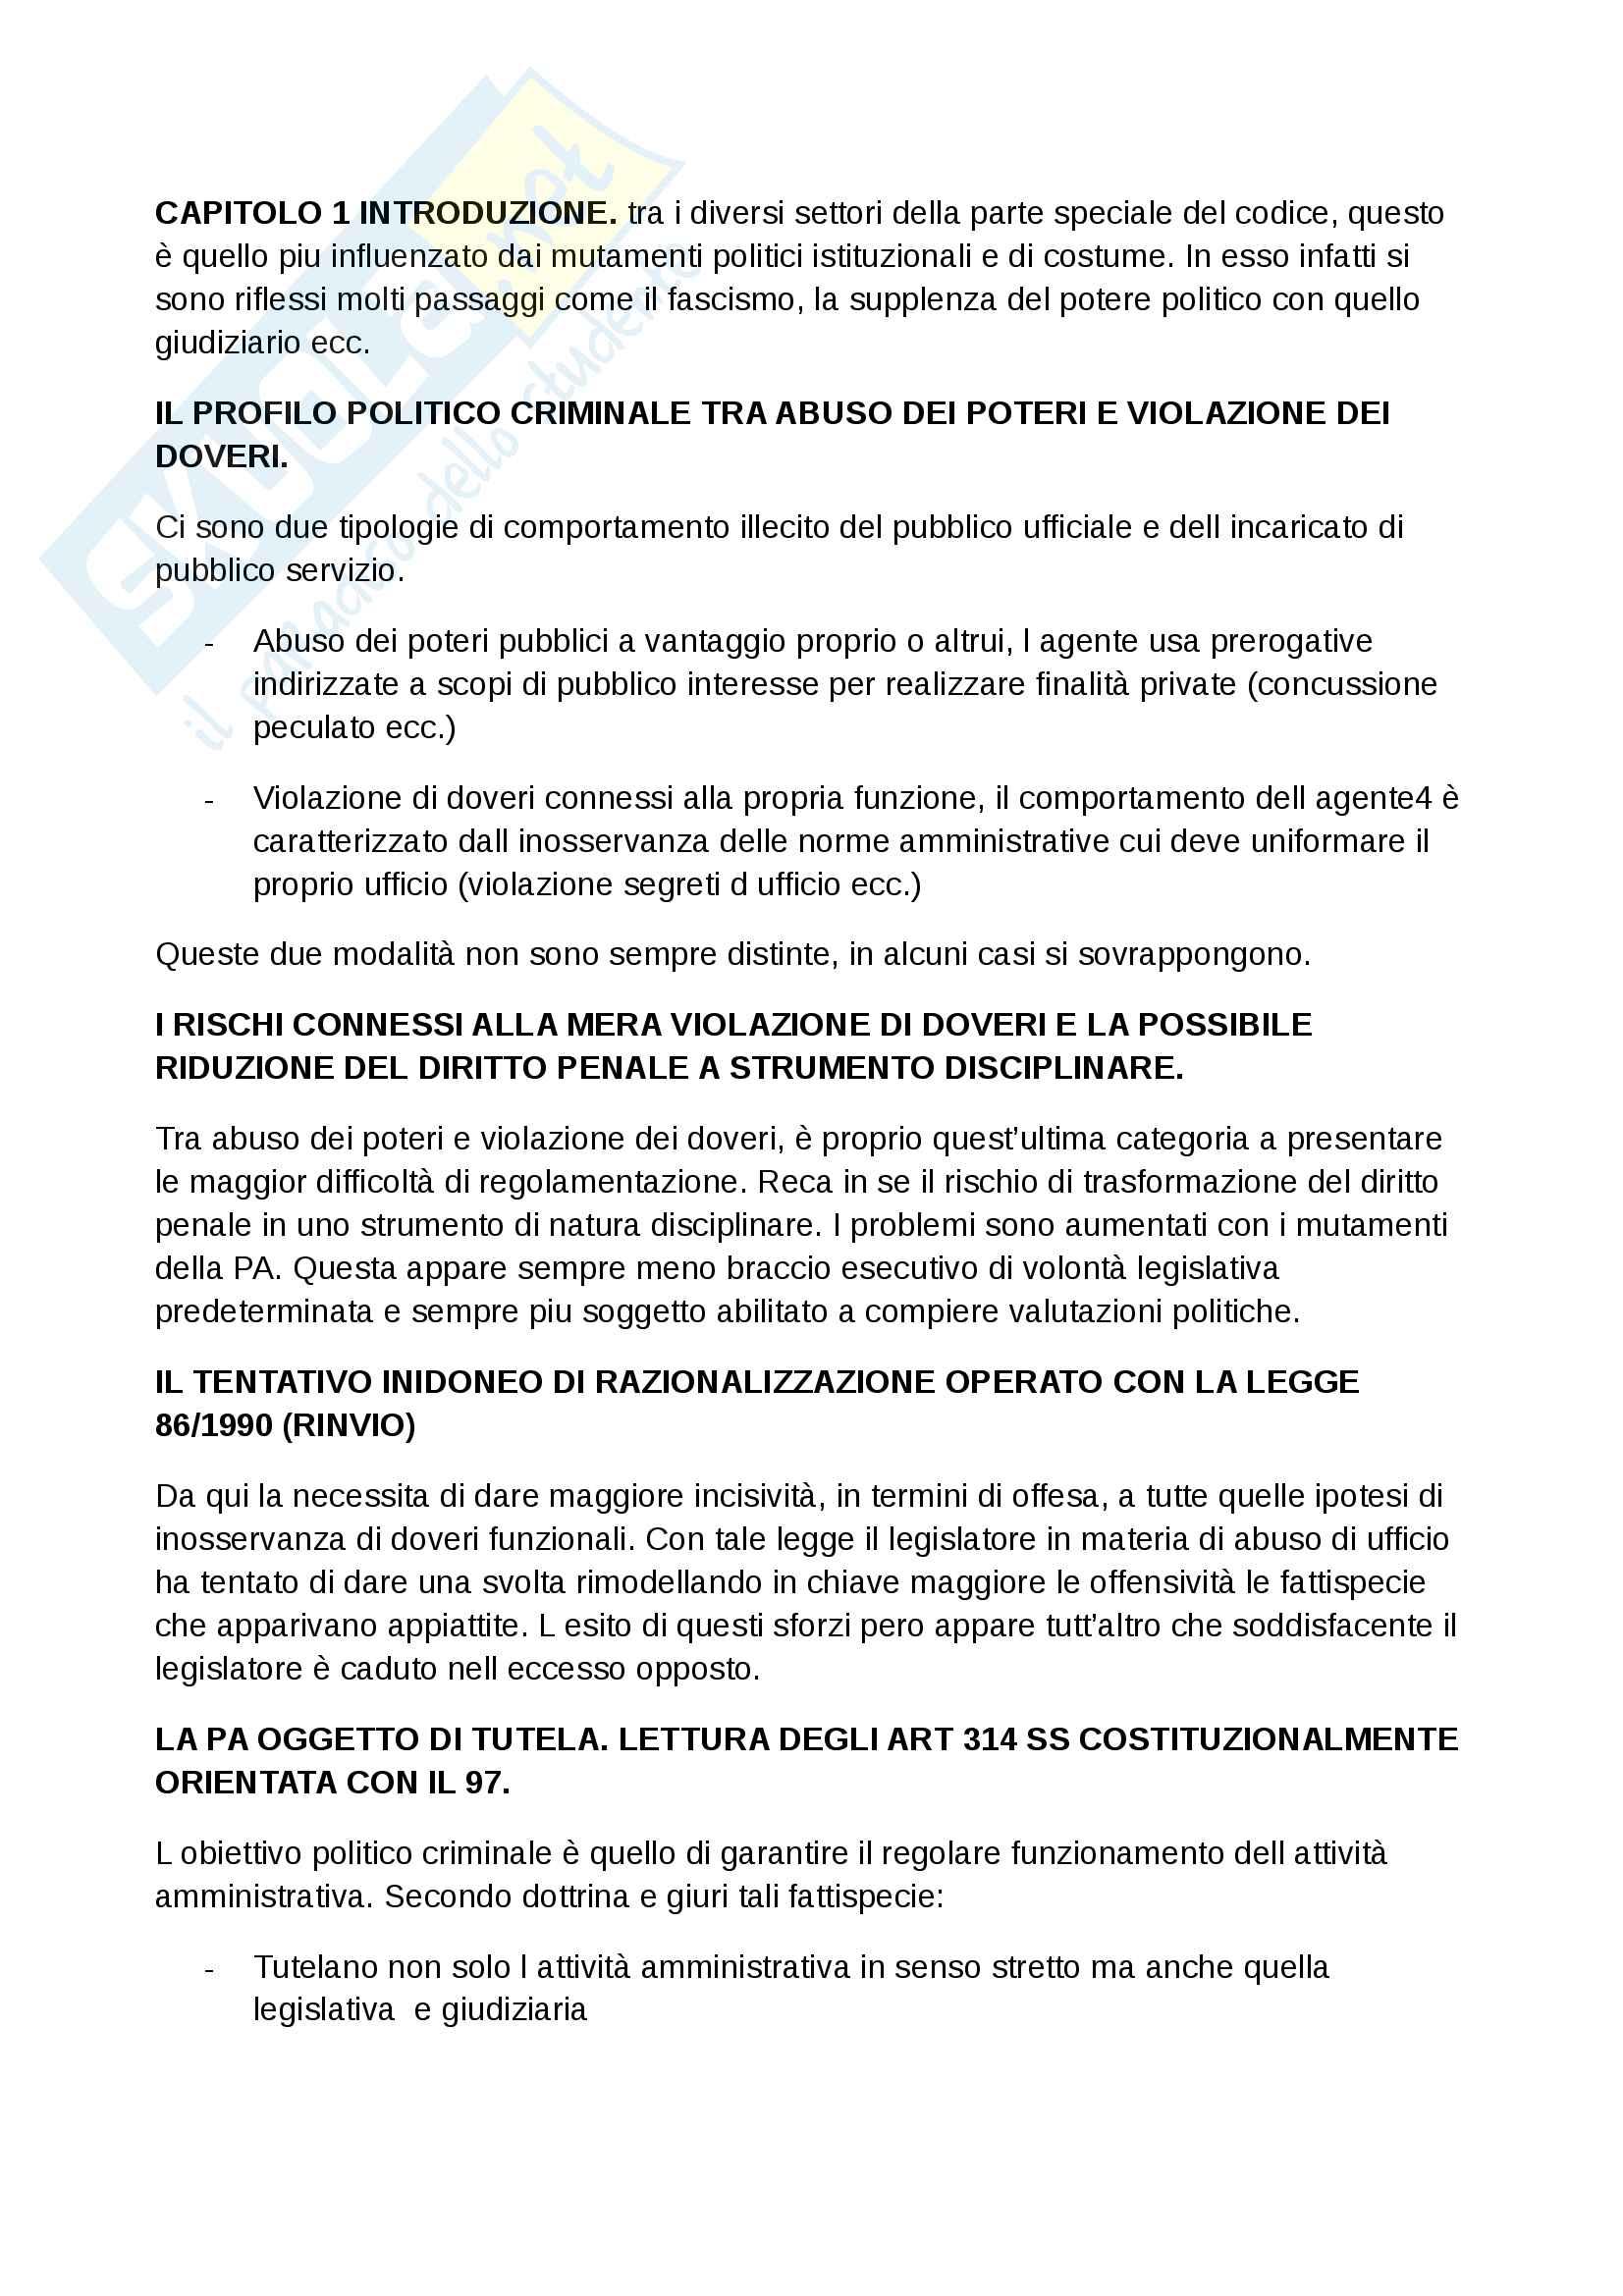 Riassunto esame Diritto penale 2, professore Catenacci, libro consigliato Reati contro la pubblica amministrazione